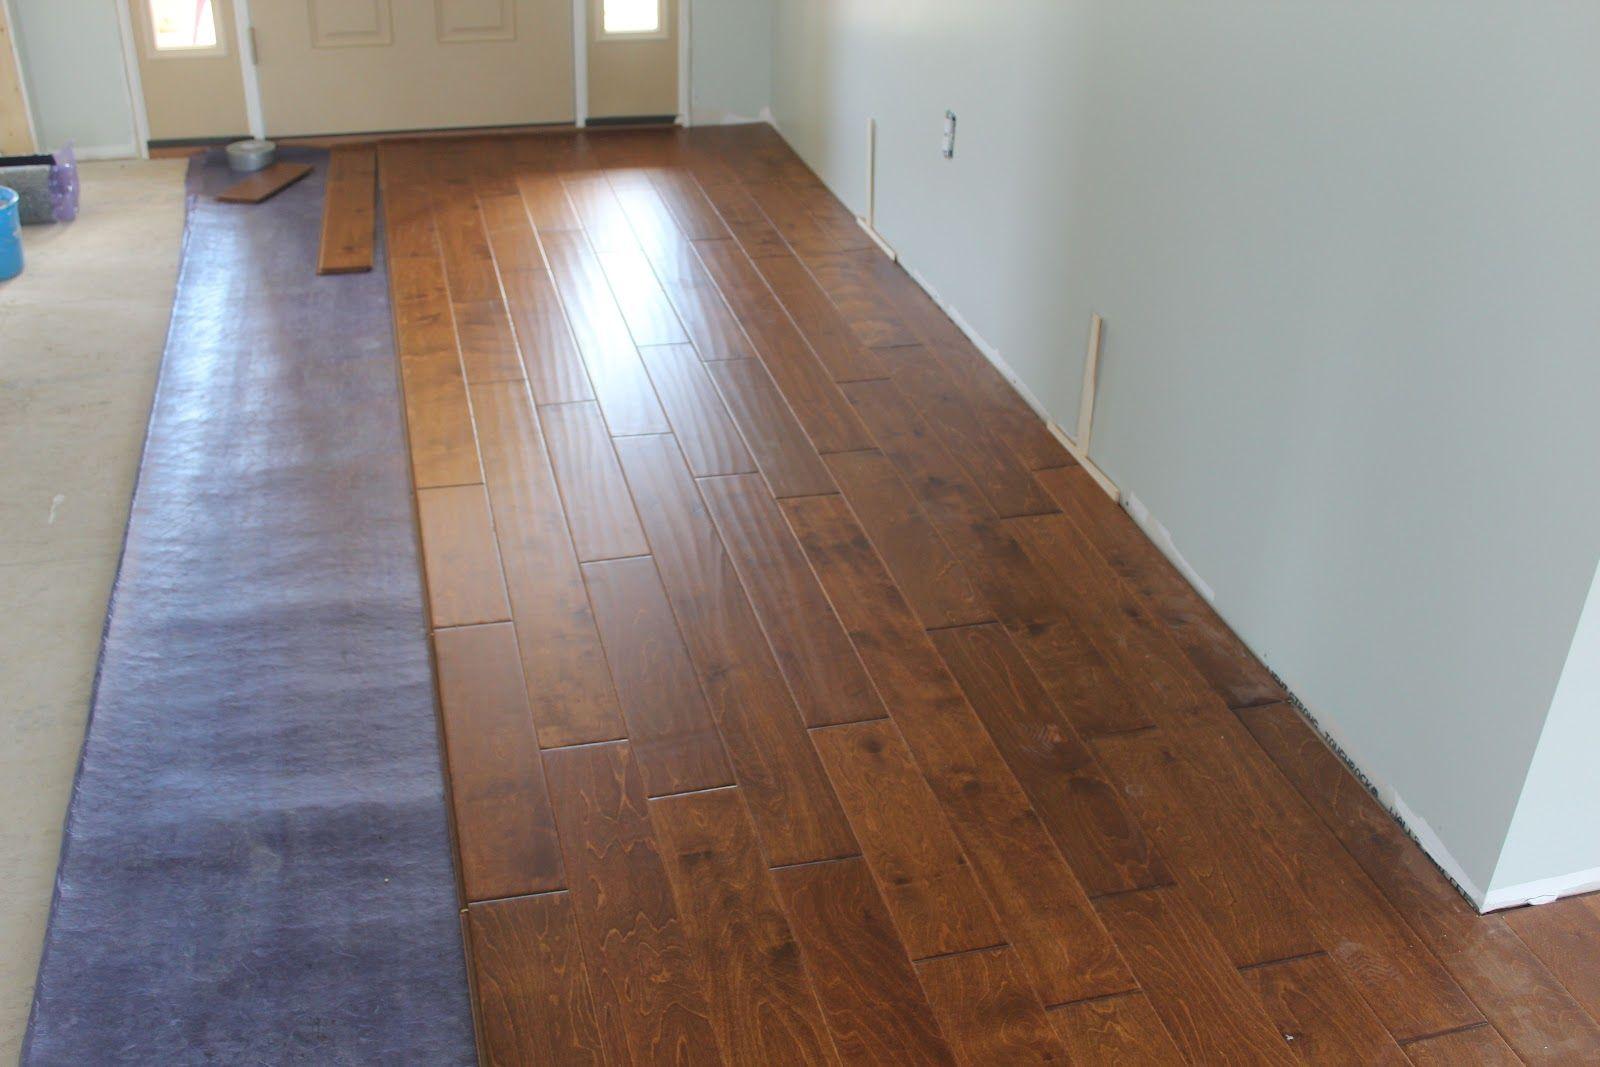 Installing Engineered Wood Floor In Bathroom Thefloors Co